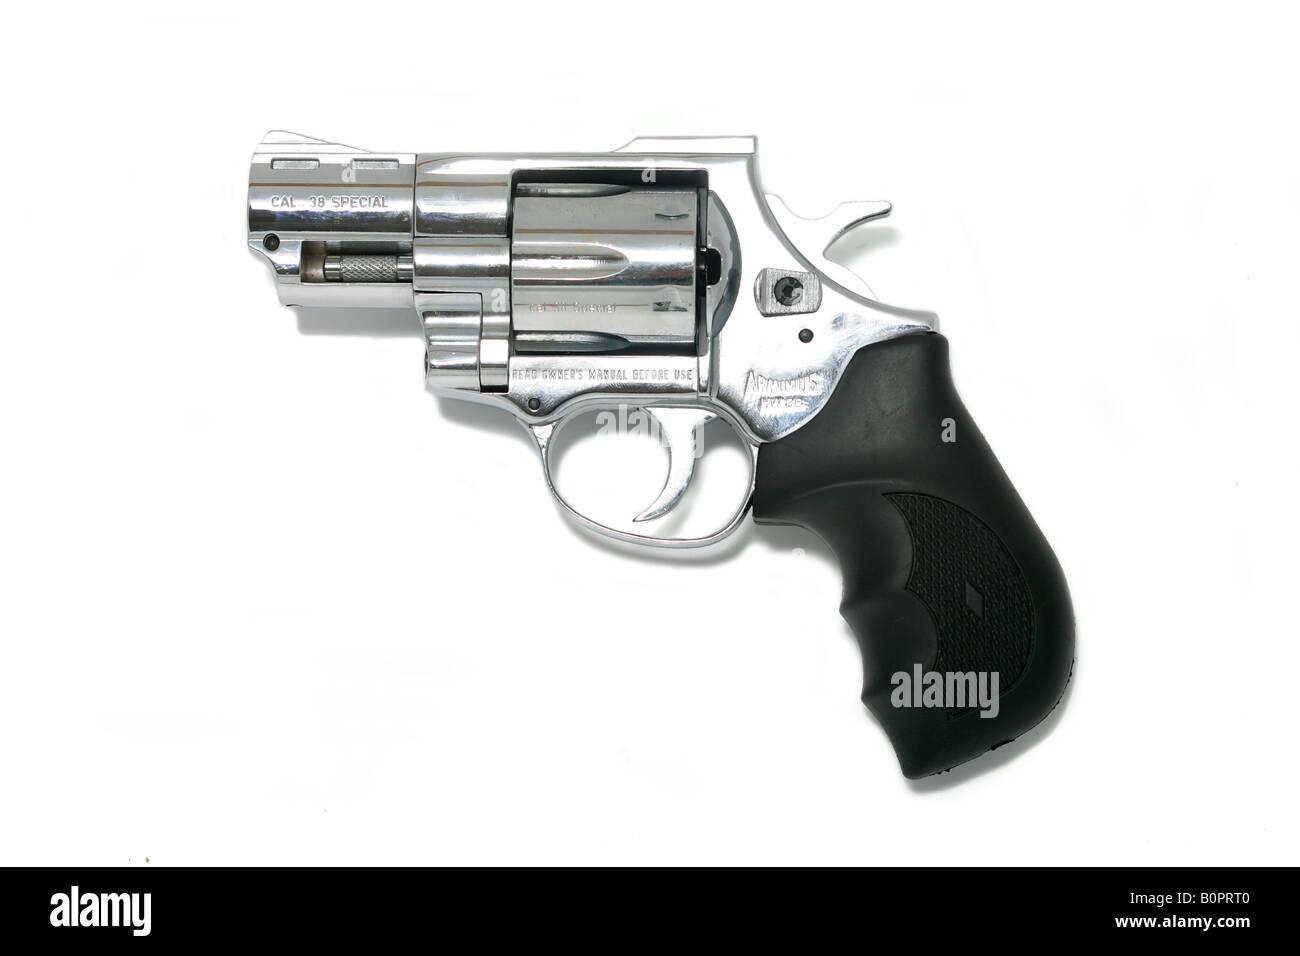 38 Gun Stock Photos & 38 Gun Stock Images - Page 2 - Alamy